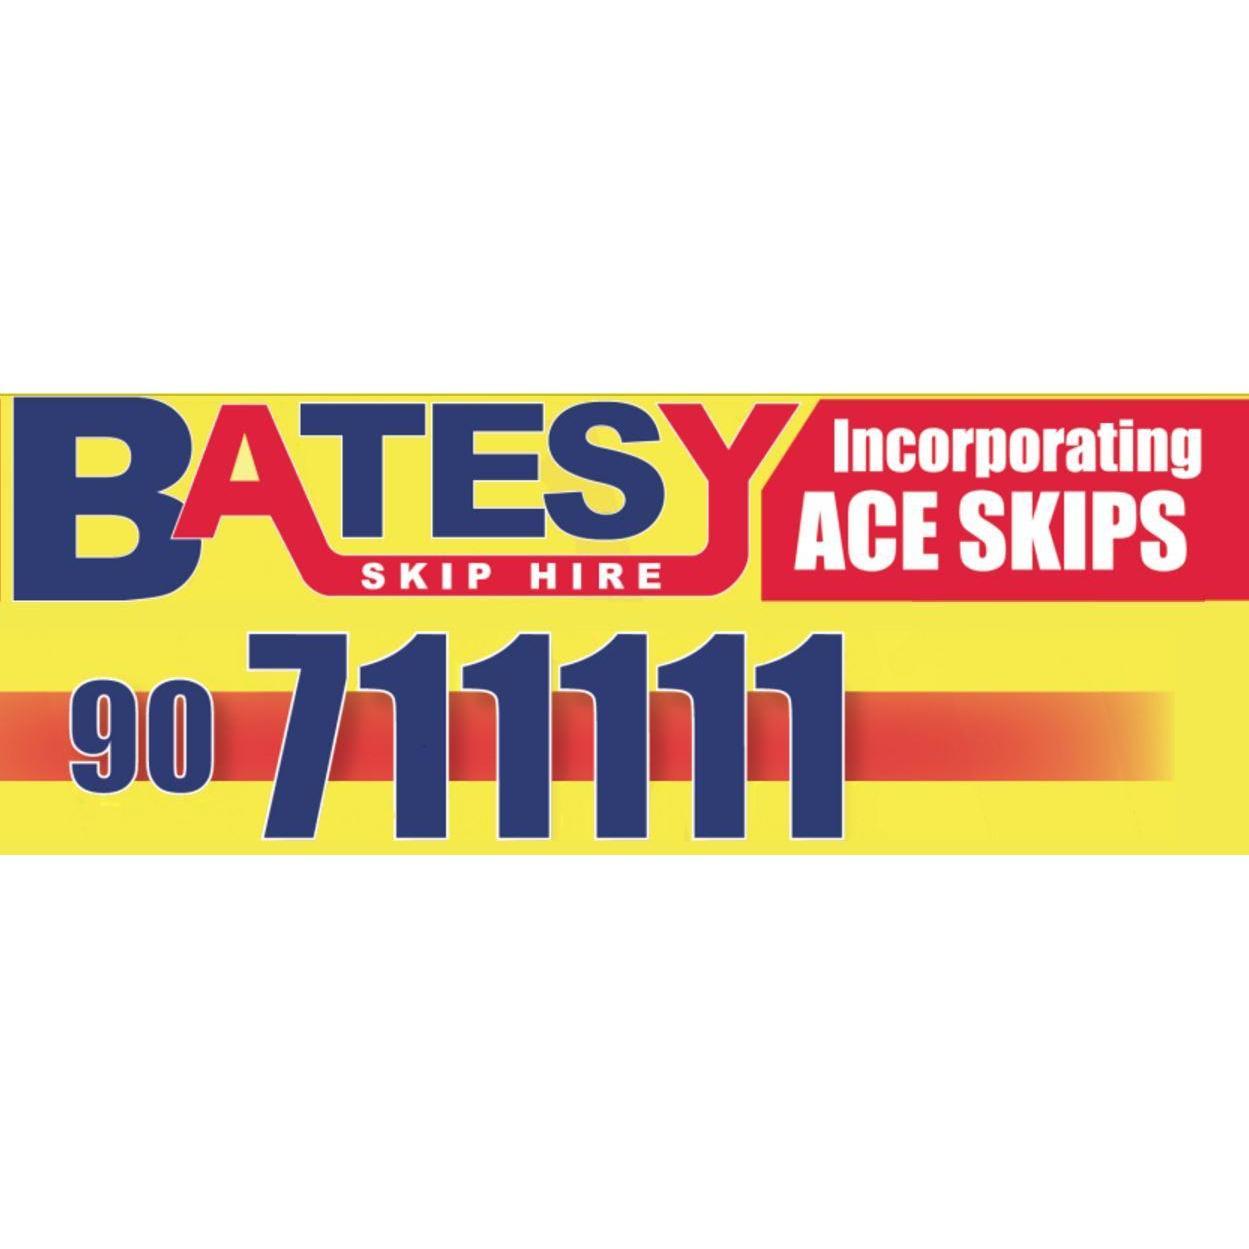 James Bates & Sons - Belfast, County Antrim BT14 8RX - 02890 711111 | ShowMeLocal.com